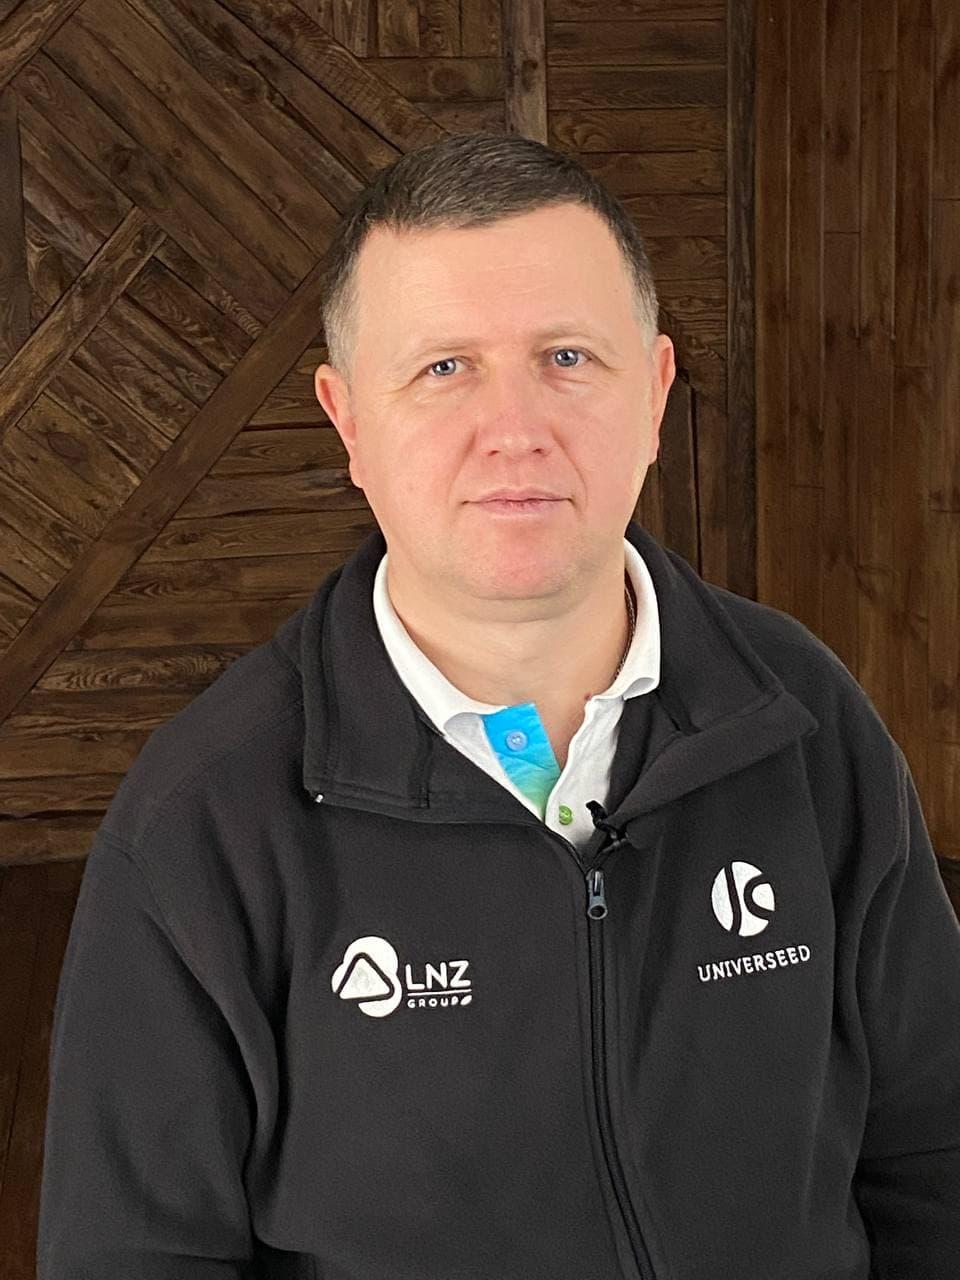 Віталій Брашован: Азотне підживлення озимих, тенденції щодо ФАО кукурудзи та чи буде дефіцит насіннєвого матеріалу у 2021 році фото 2 LNZ Group